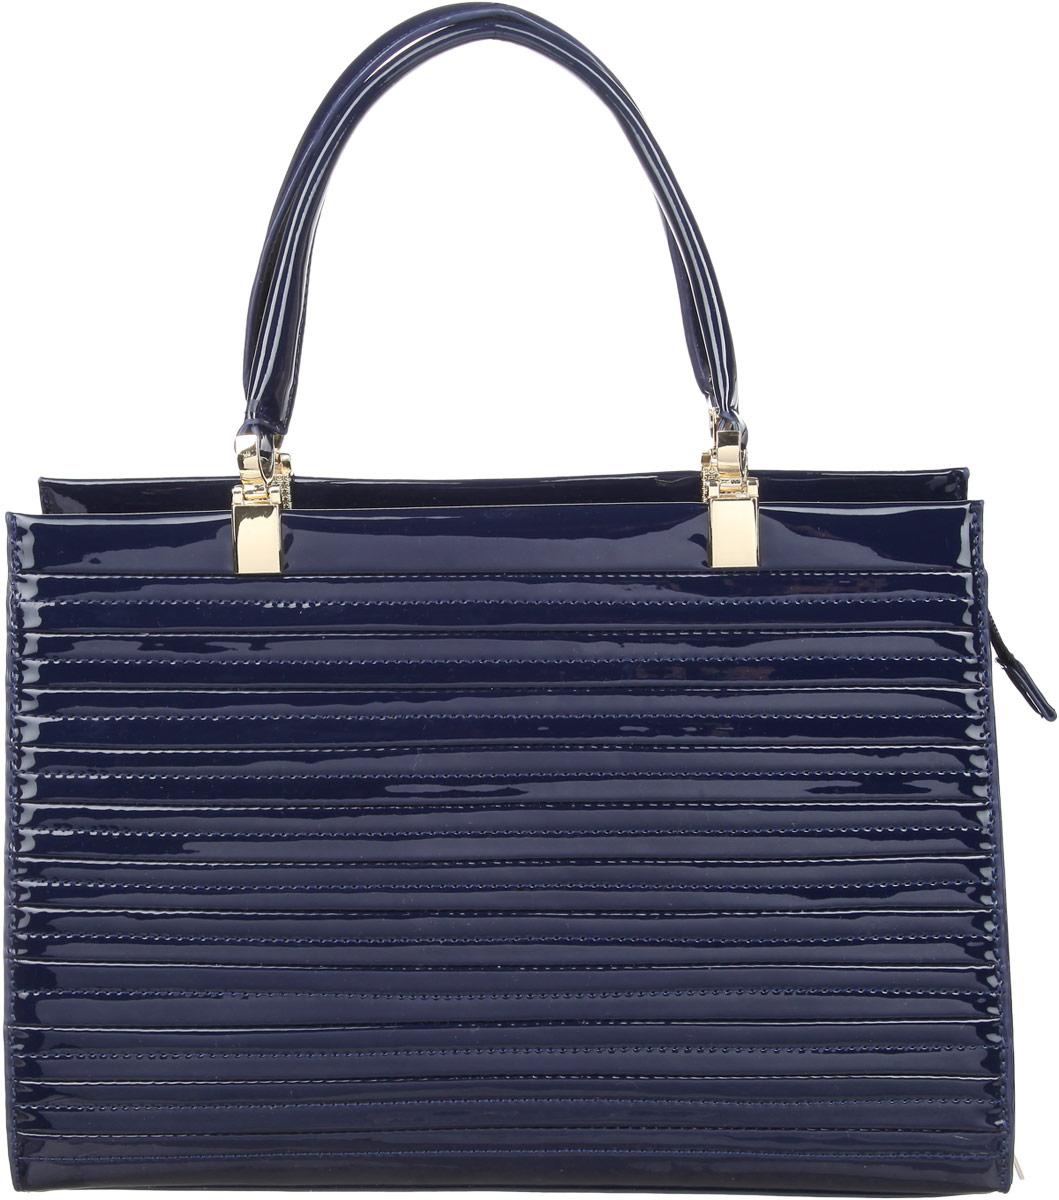 Сумка женская Calipso, цвет: синий. 420-161286-231420-161286-231Элегантная сумка Calipso изготовлена из искусственной кожи с лаковым покрытием и оформлена металлической фурнитурой. Сумка имеет одно вместительное отделение, закрывающееся на молнию. Внутри изделия расположены два накладных кармашка для мелочей, врезной карман на молнии, хлястик с кольцом для ключей и карман-средник на молнии. На задней стороне сумки расположен врезной карман на застежке-молнии. Сумка оснащена съемным плечевым ремнем регулируемой длины и двумя удобными ручками, которые дополнены металлической фурнитурой. На дне сумки расположены металлические ножки. В комплекте с изделием поставляется чехол для хранения. Модная сумка идеально подчеркнет ваш неповторимый стиль.